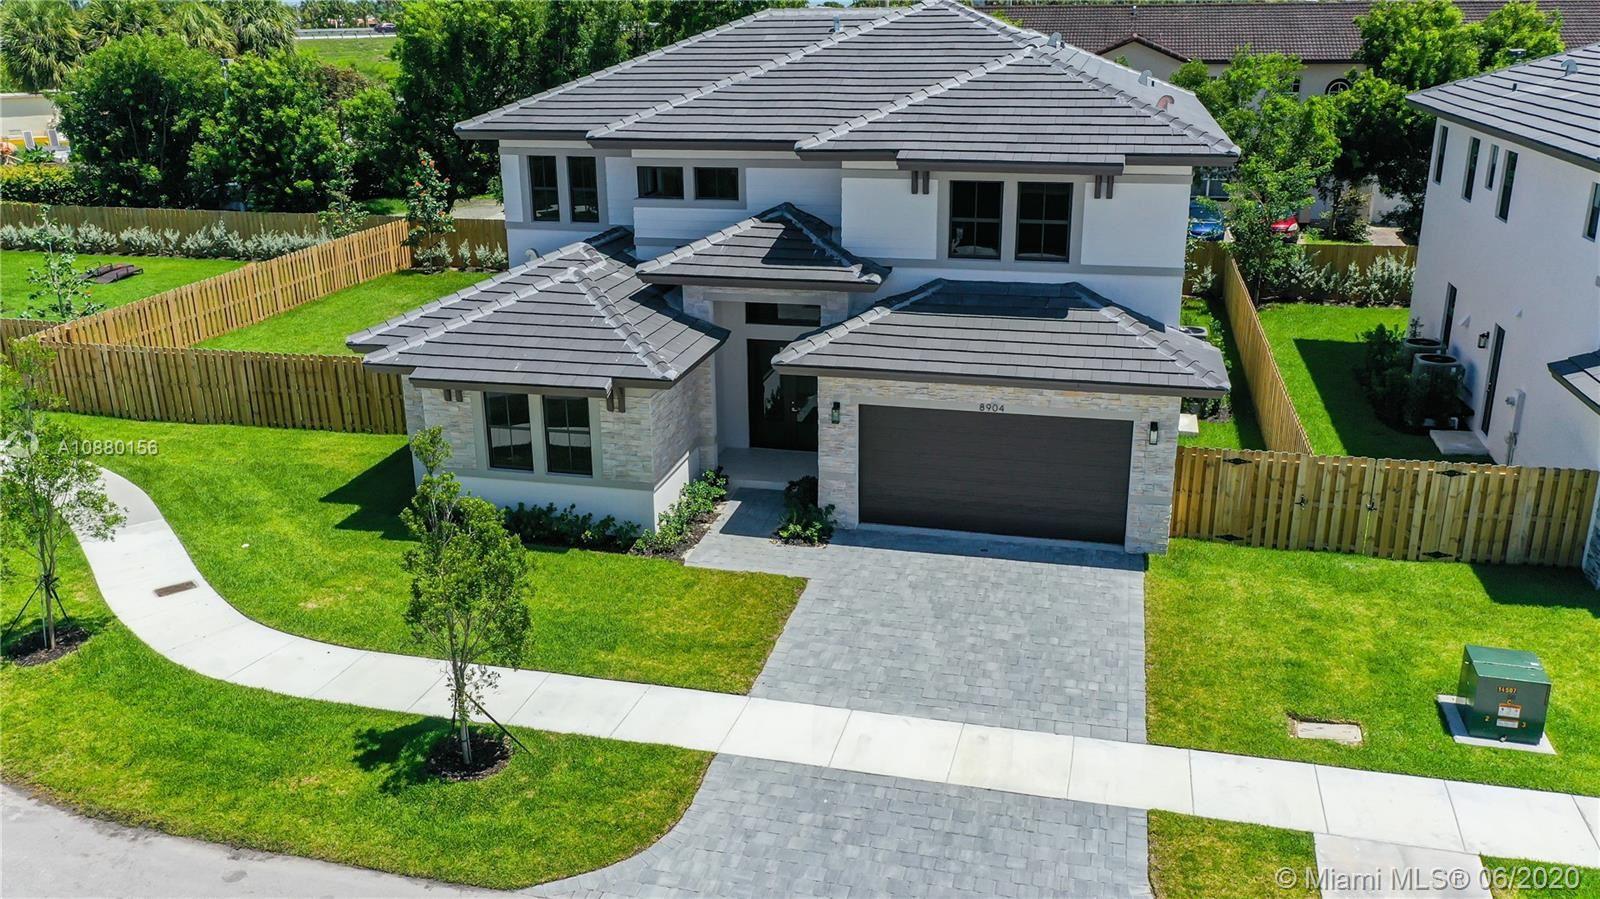 8904 SW 69 Terrace, Miami, FL 33173 - #: A10880156